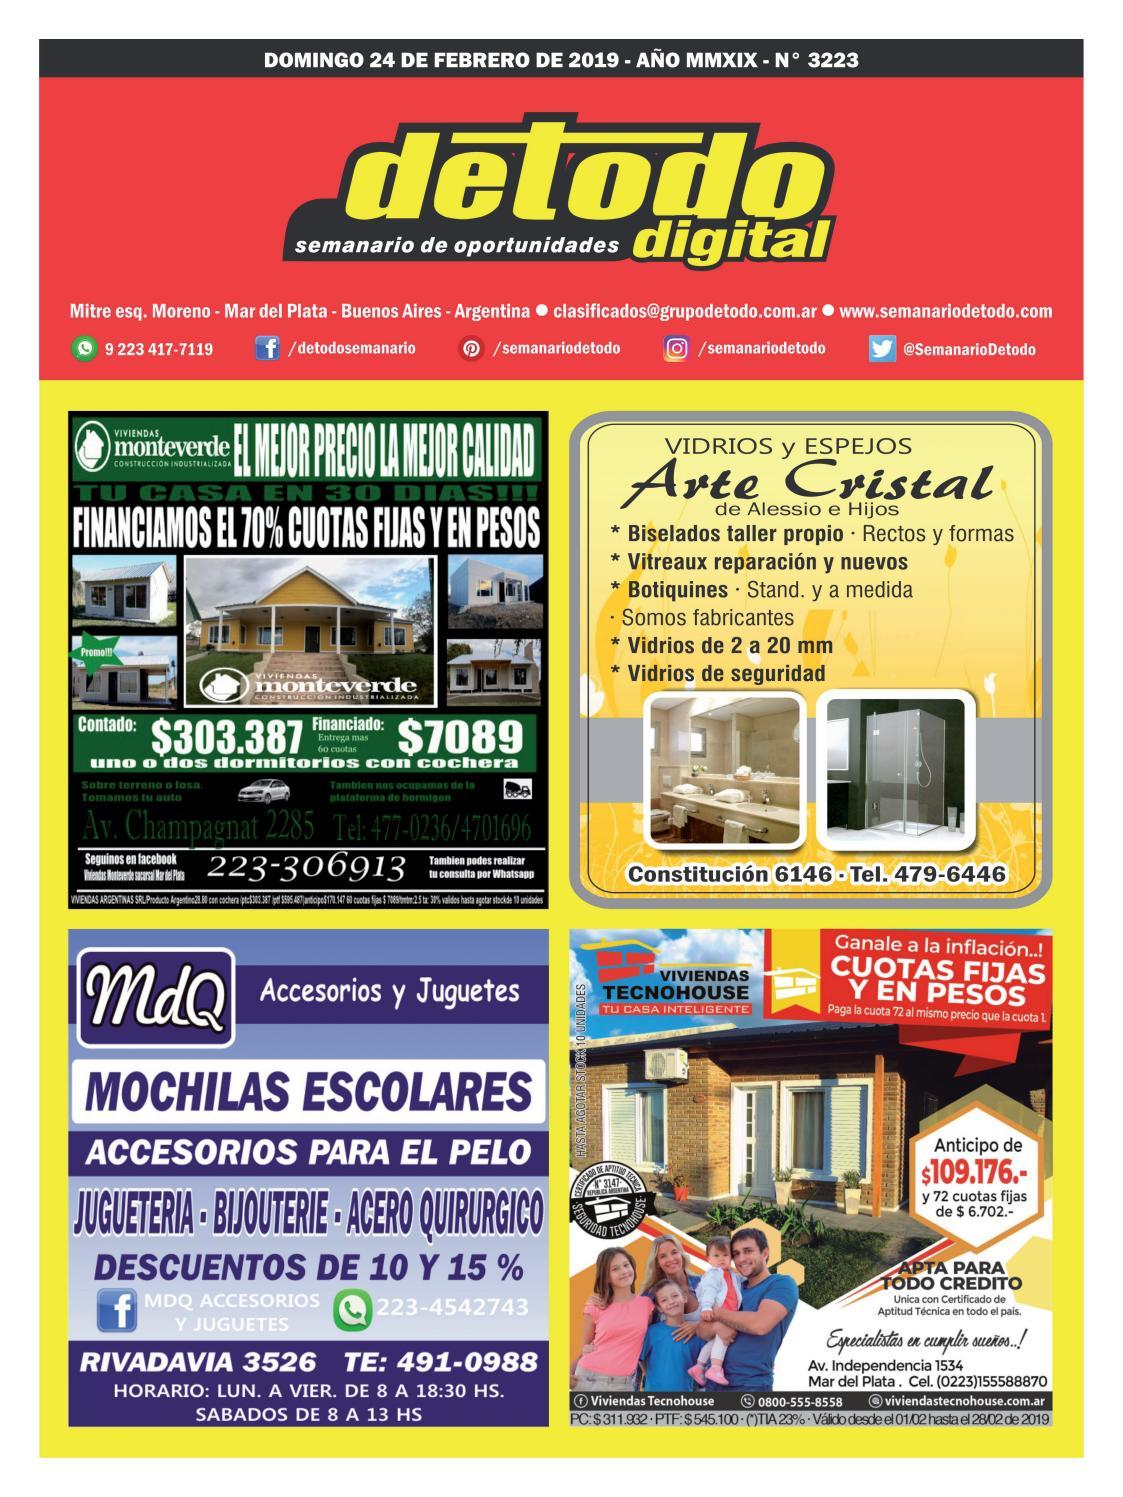 7e23074a3 Semanario Detodo - Edición N° 3223 - 24/02/2019 by Semanario Detodo - issuu